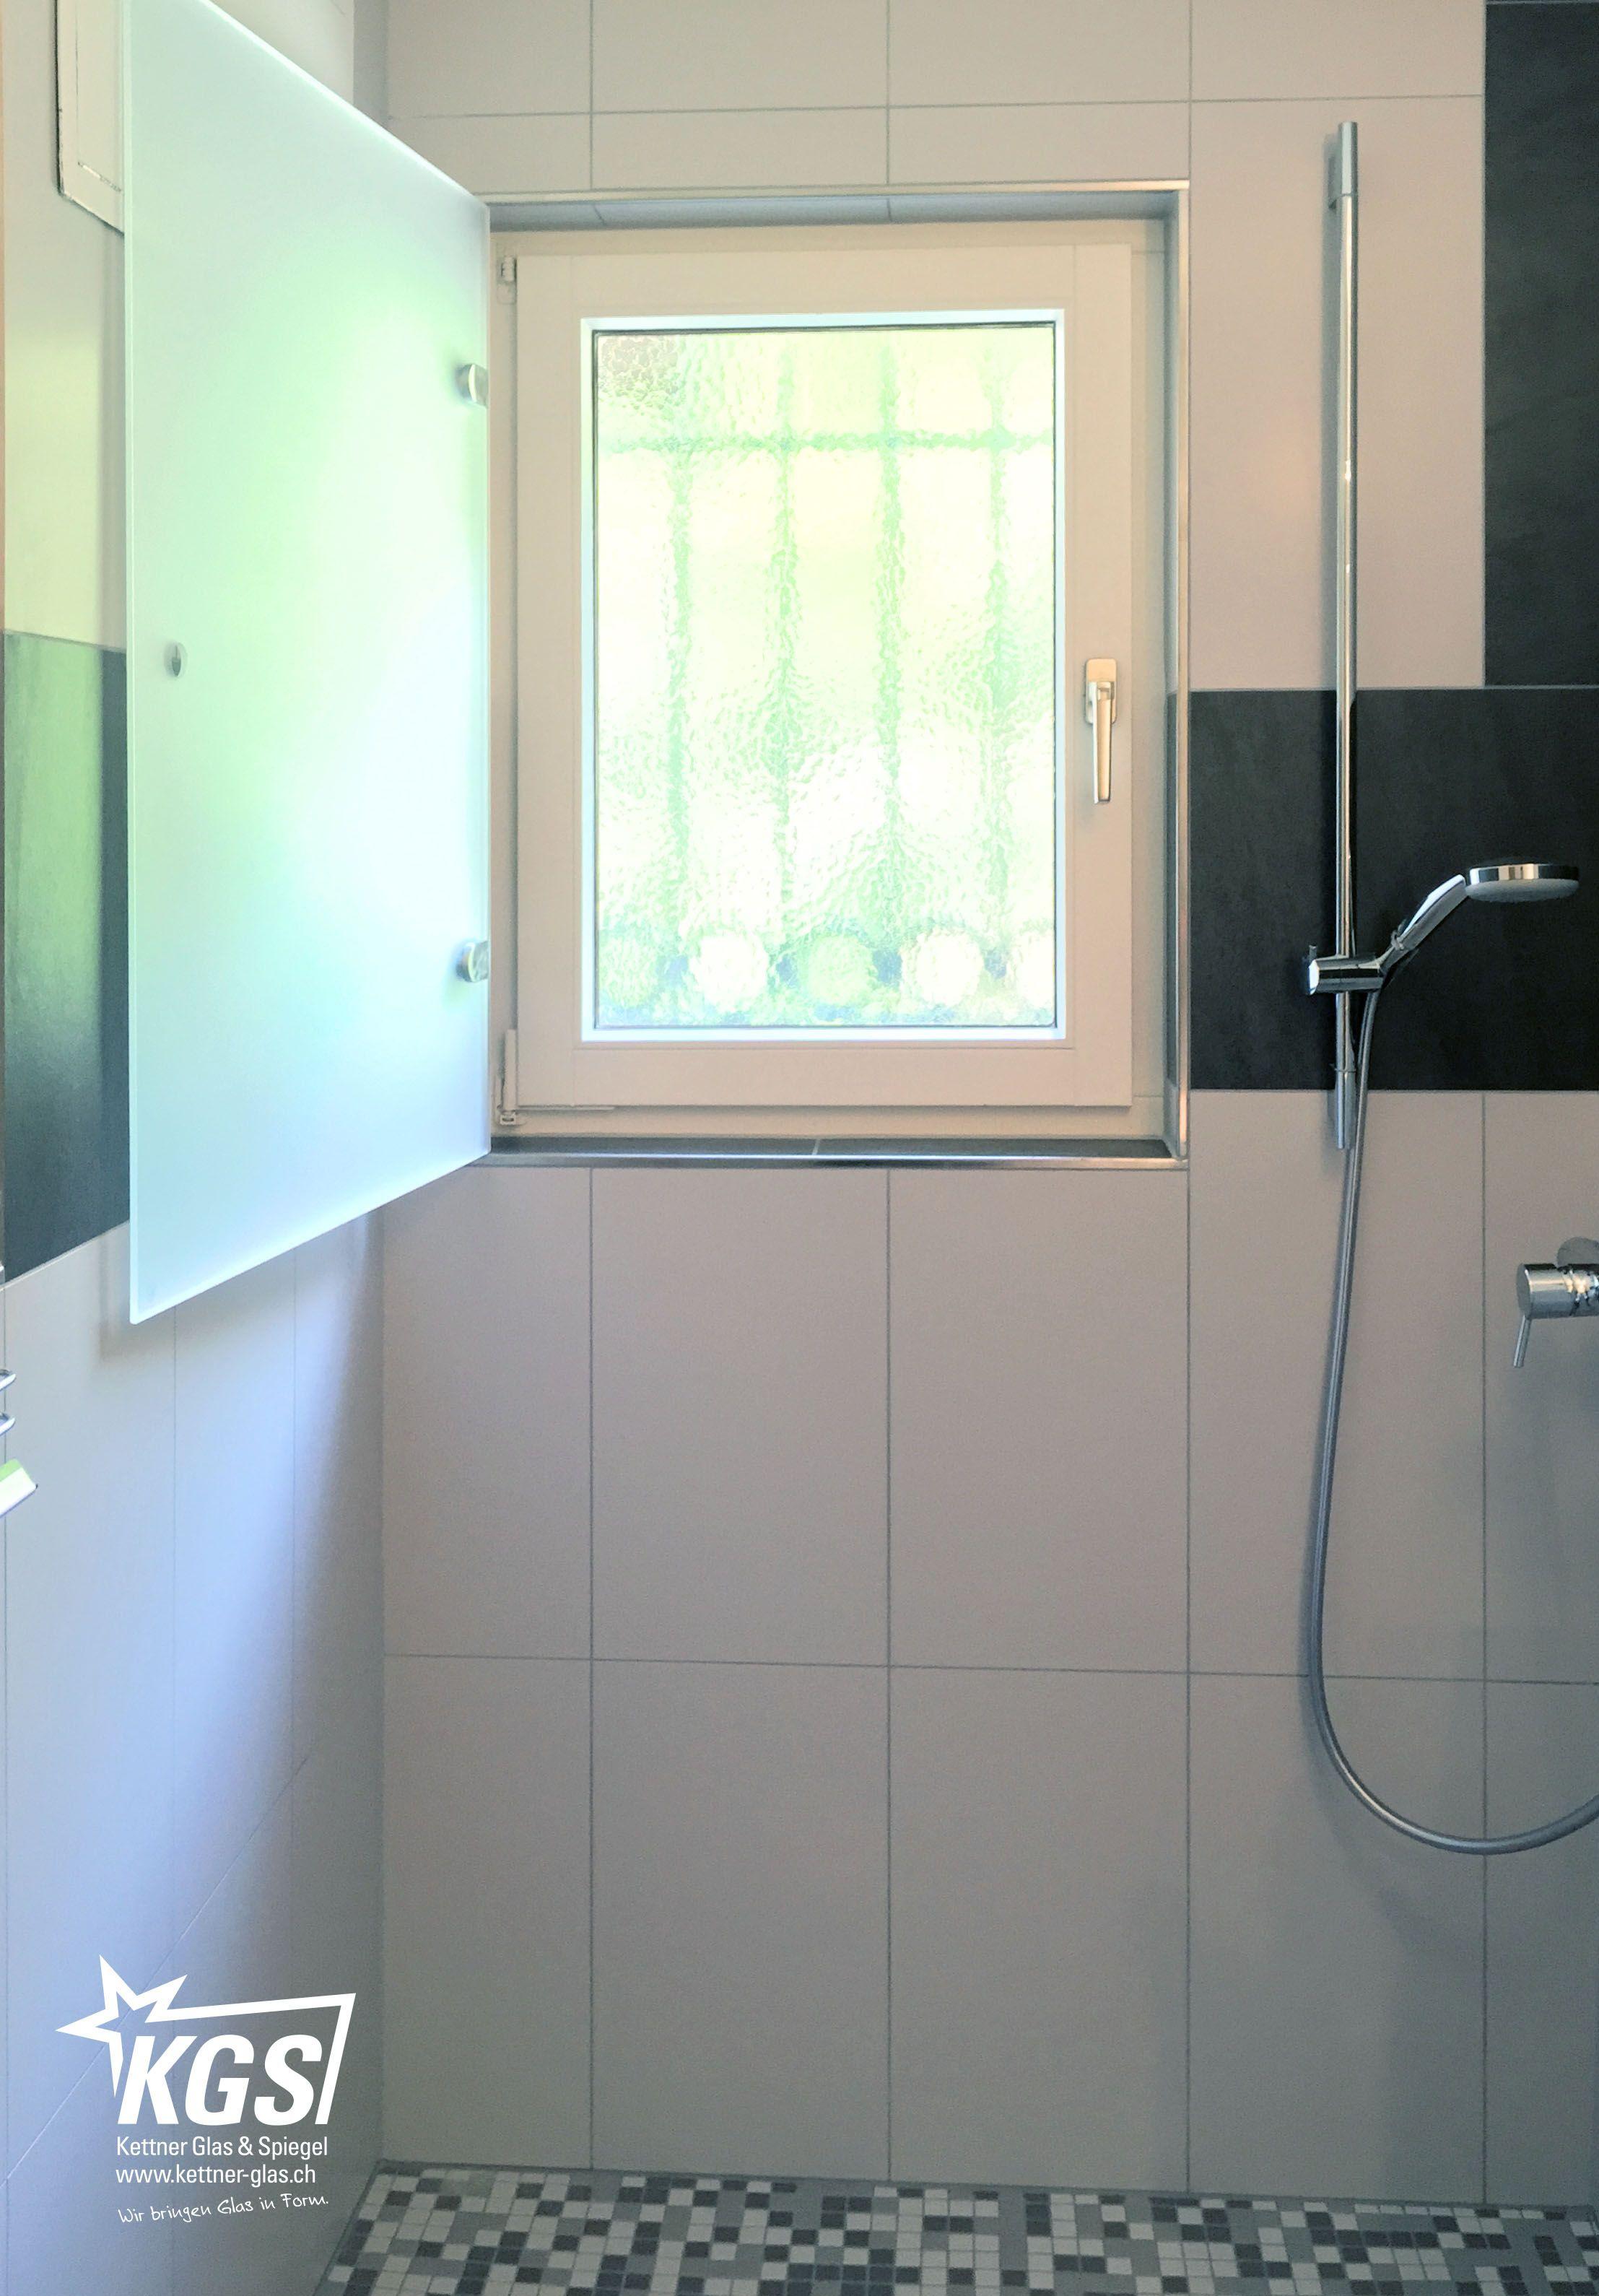 Das Duschfenster kann vollständig werden und